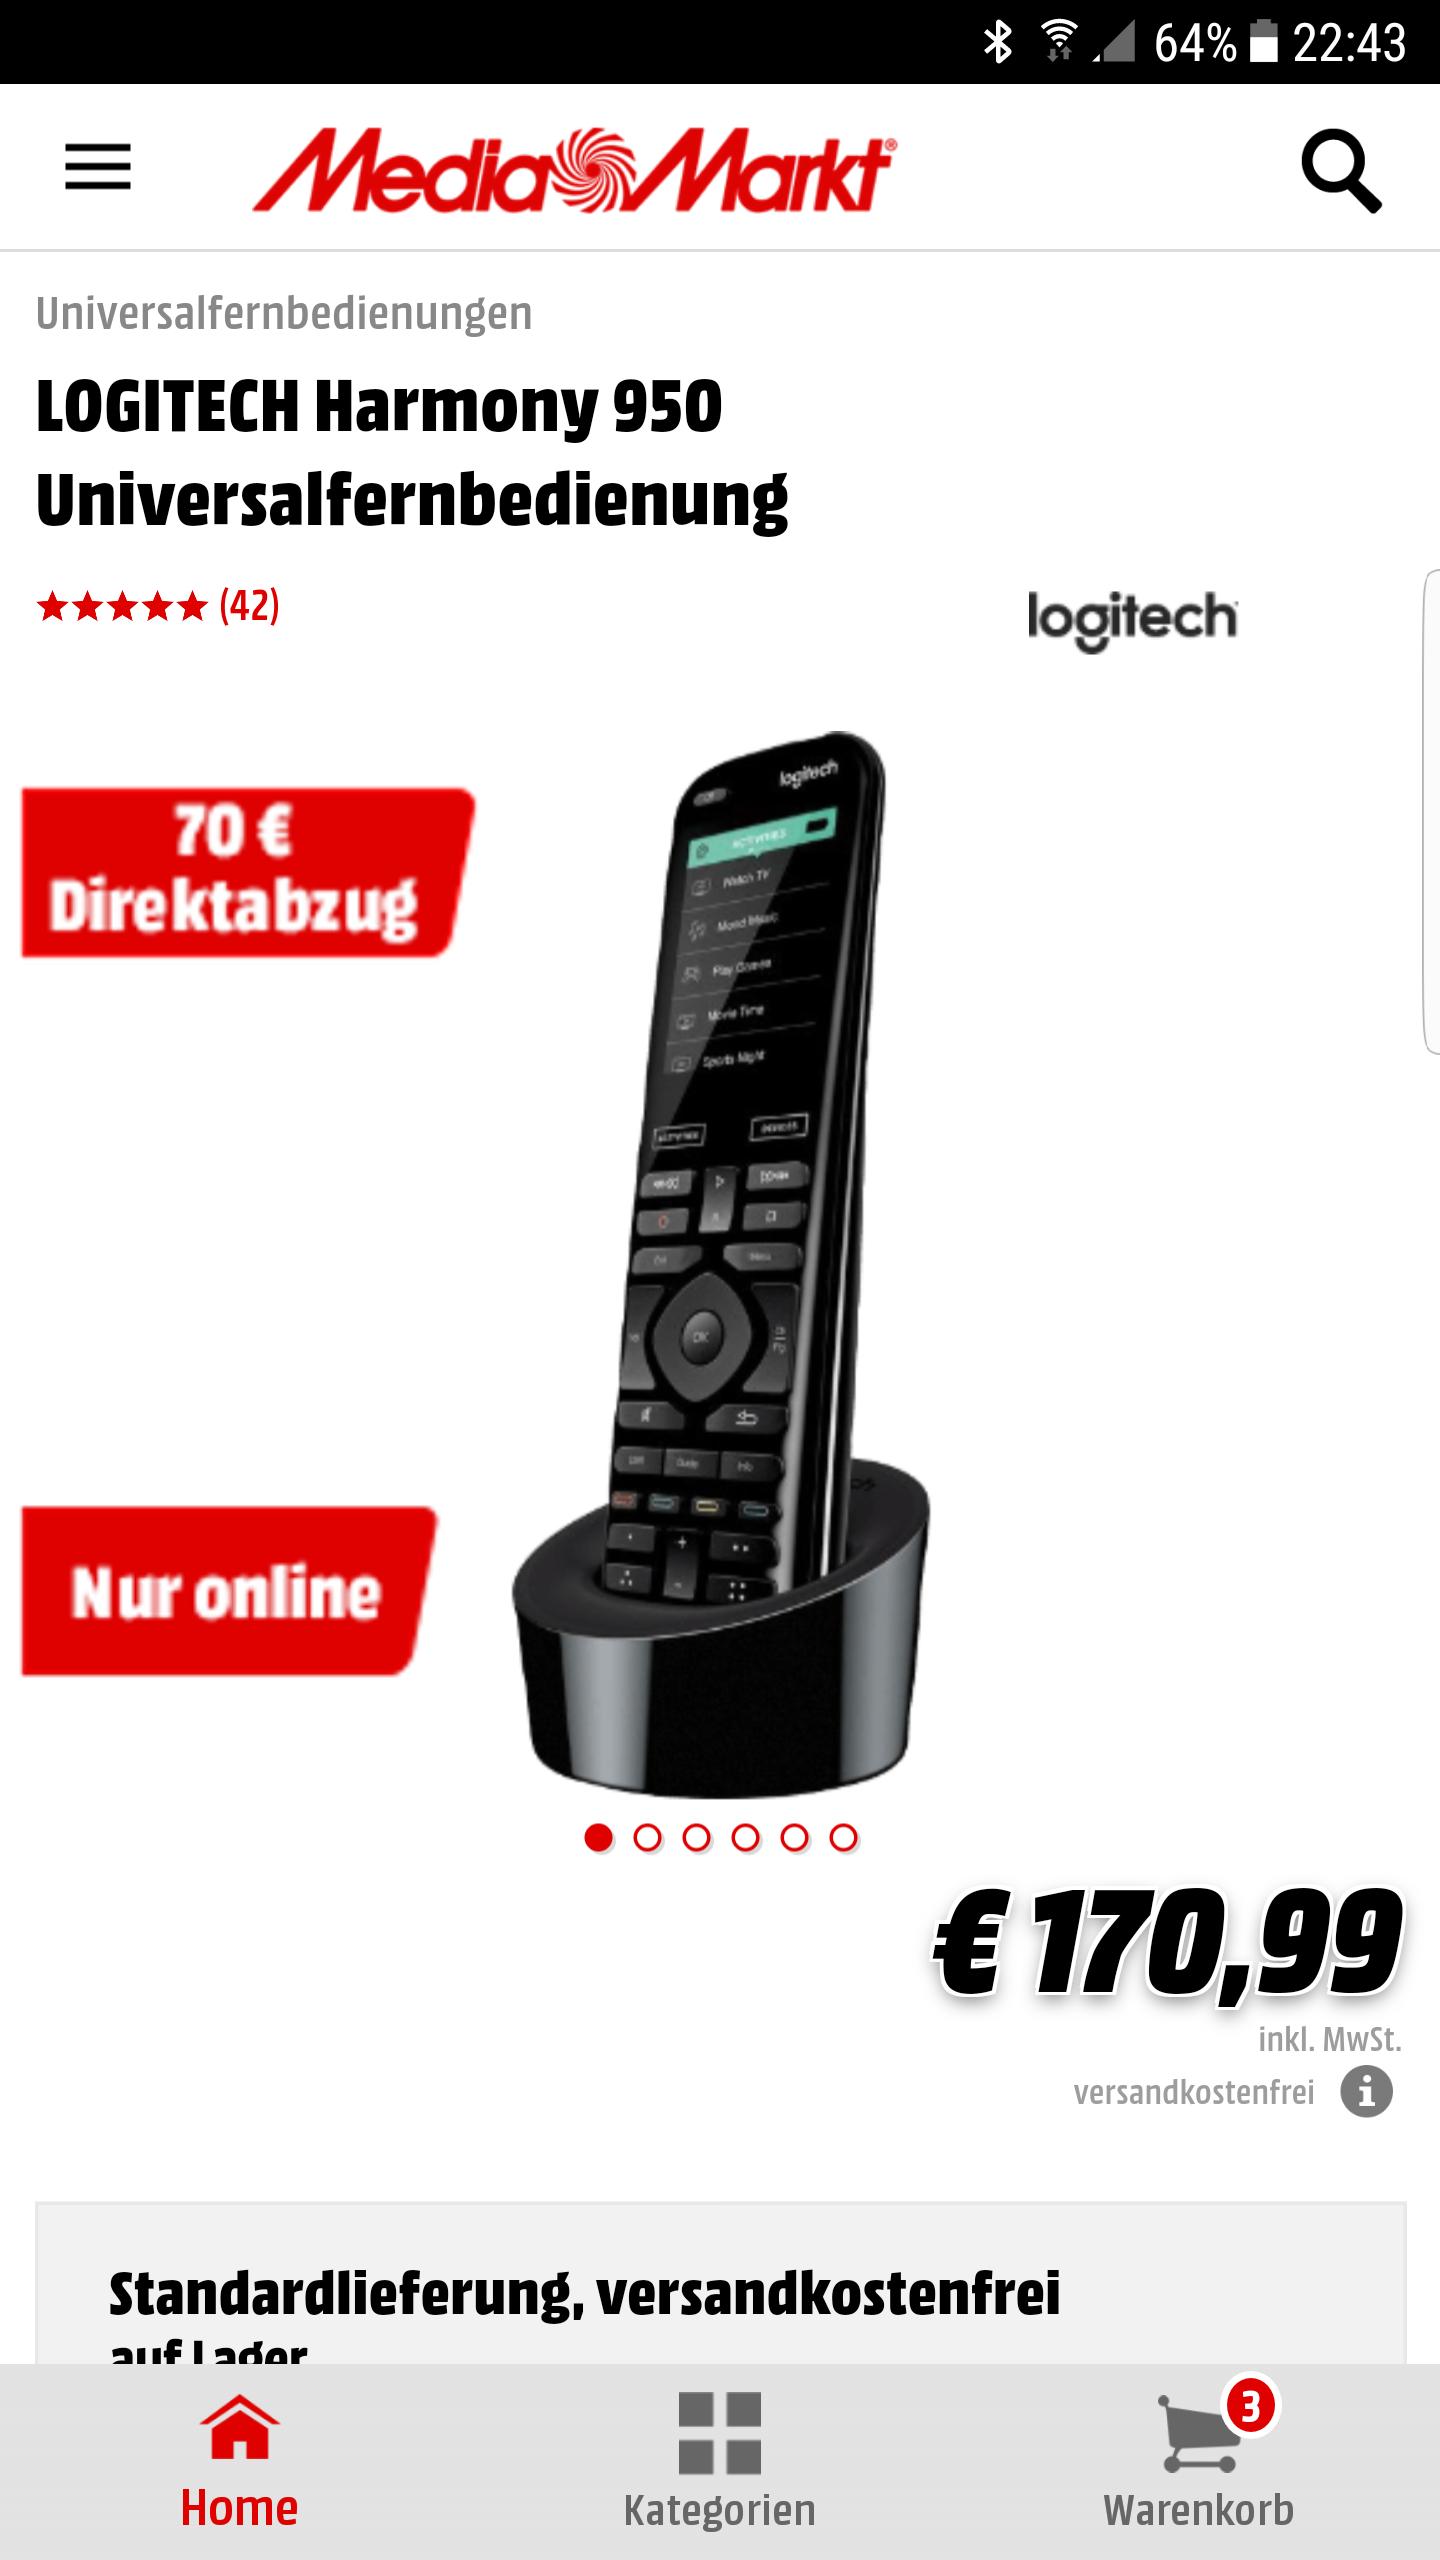 Logitech Harmony 950 für 100,99€ + versandkostenfrei